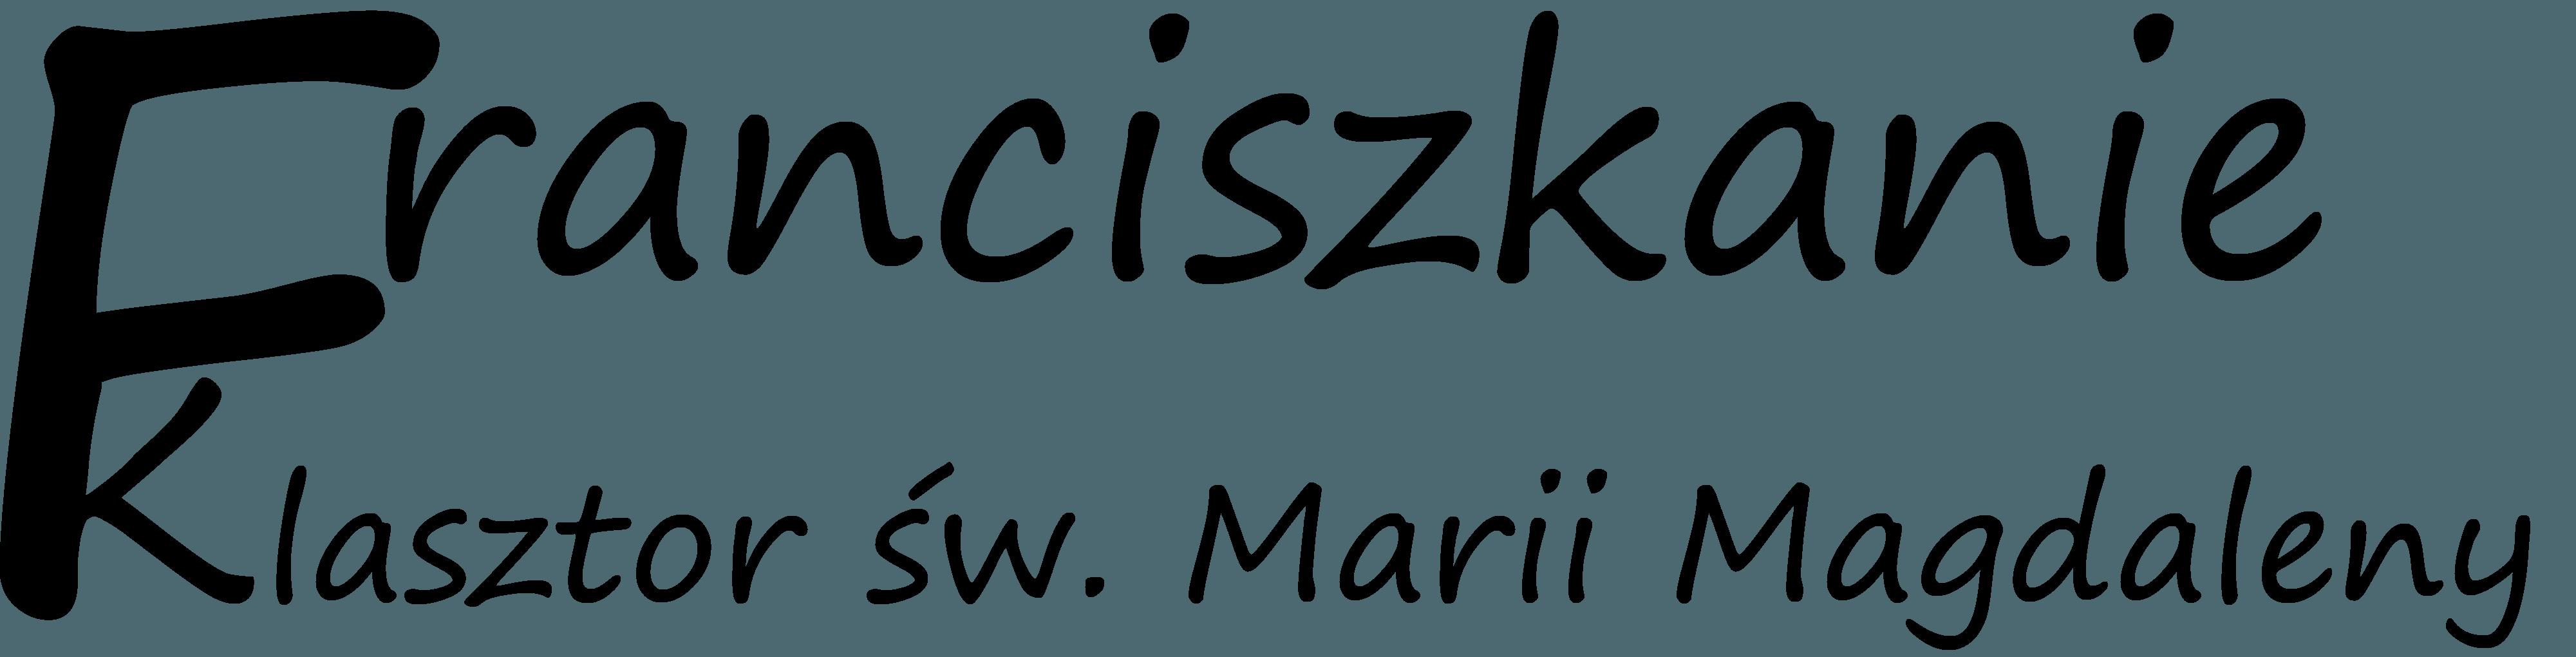 Franciszkanie Przemyśl